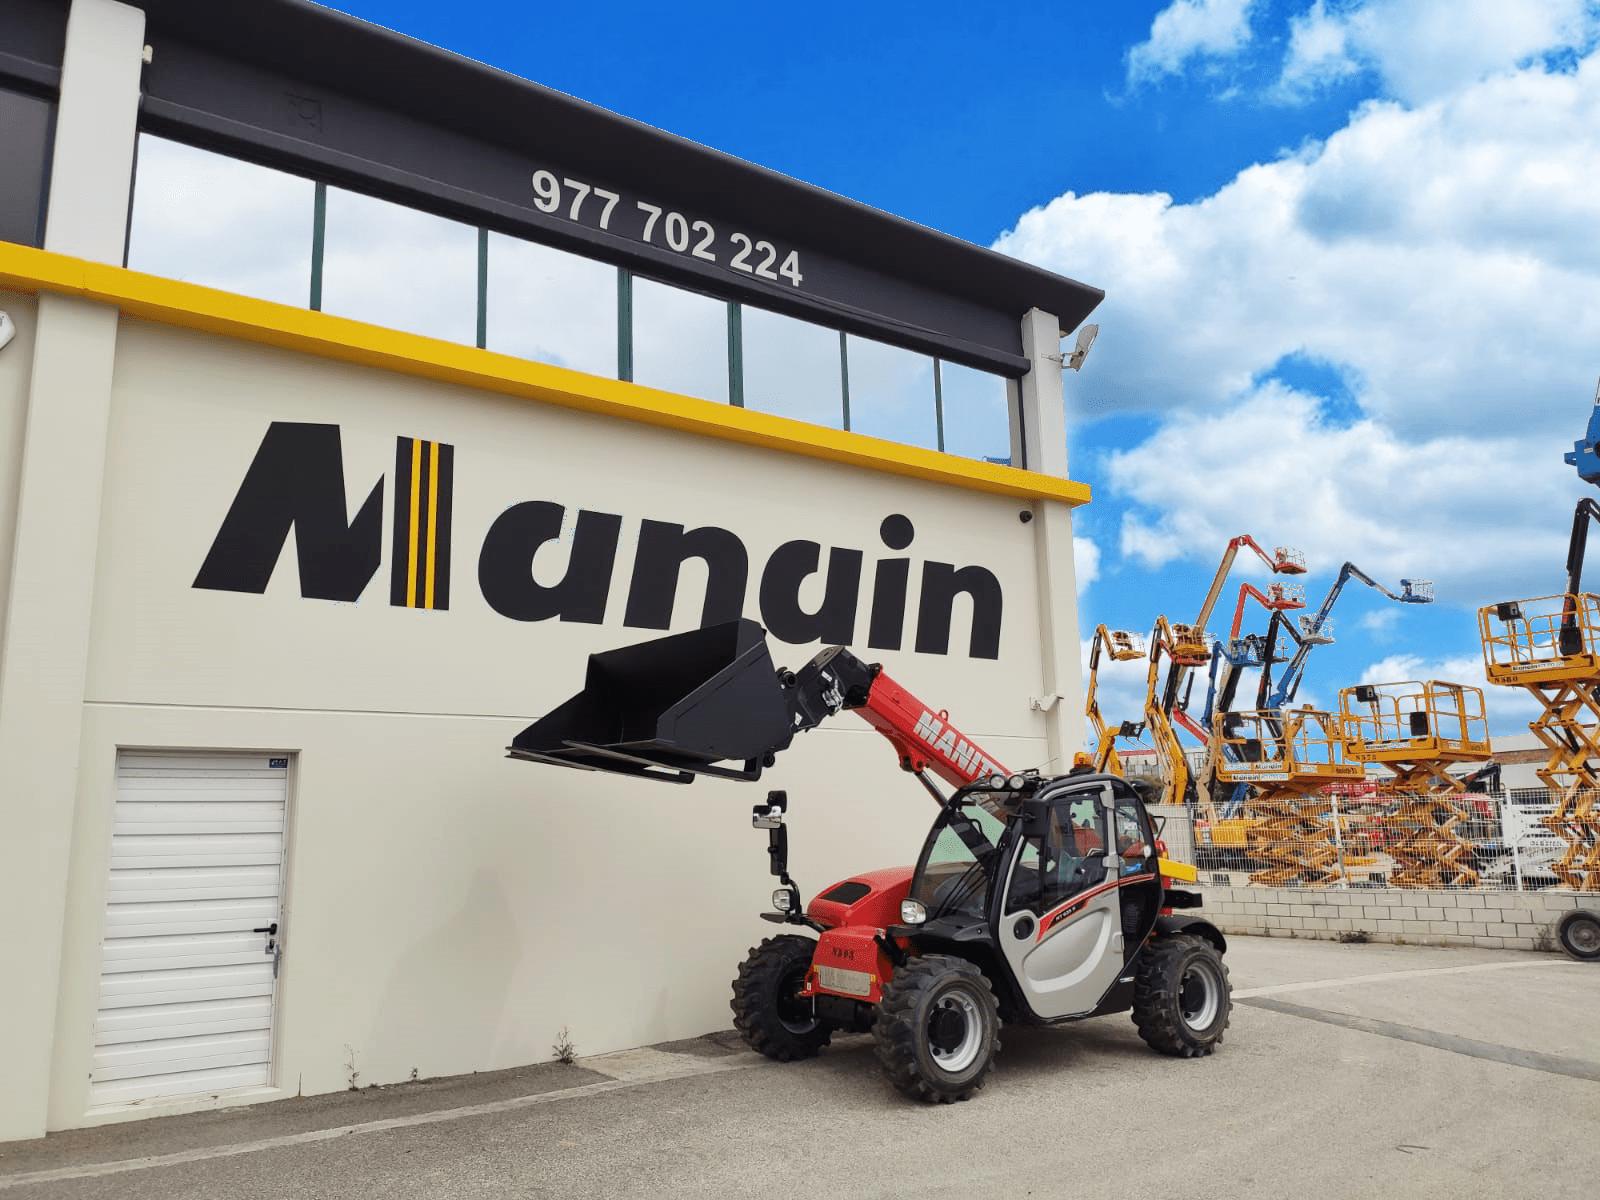 Manain incorpora nueva maquinaria a su flota de manipuladores MANITOU